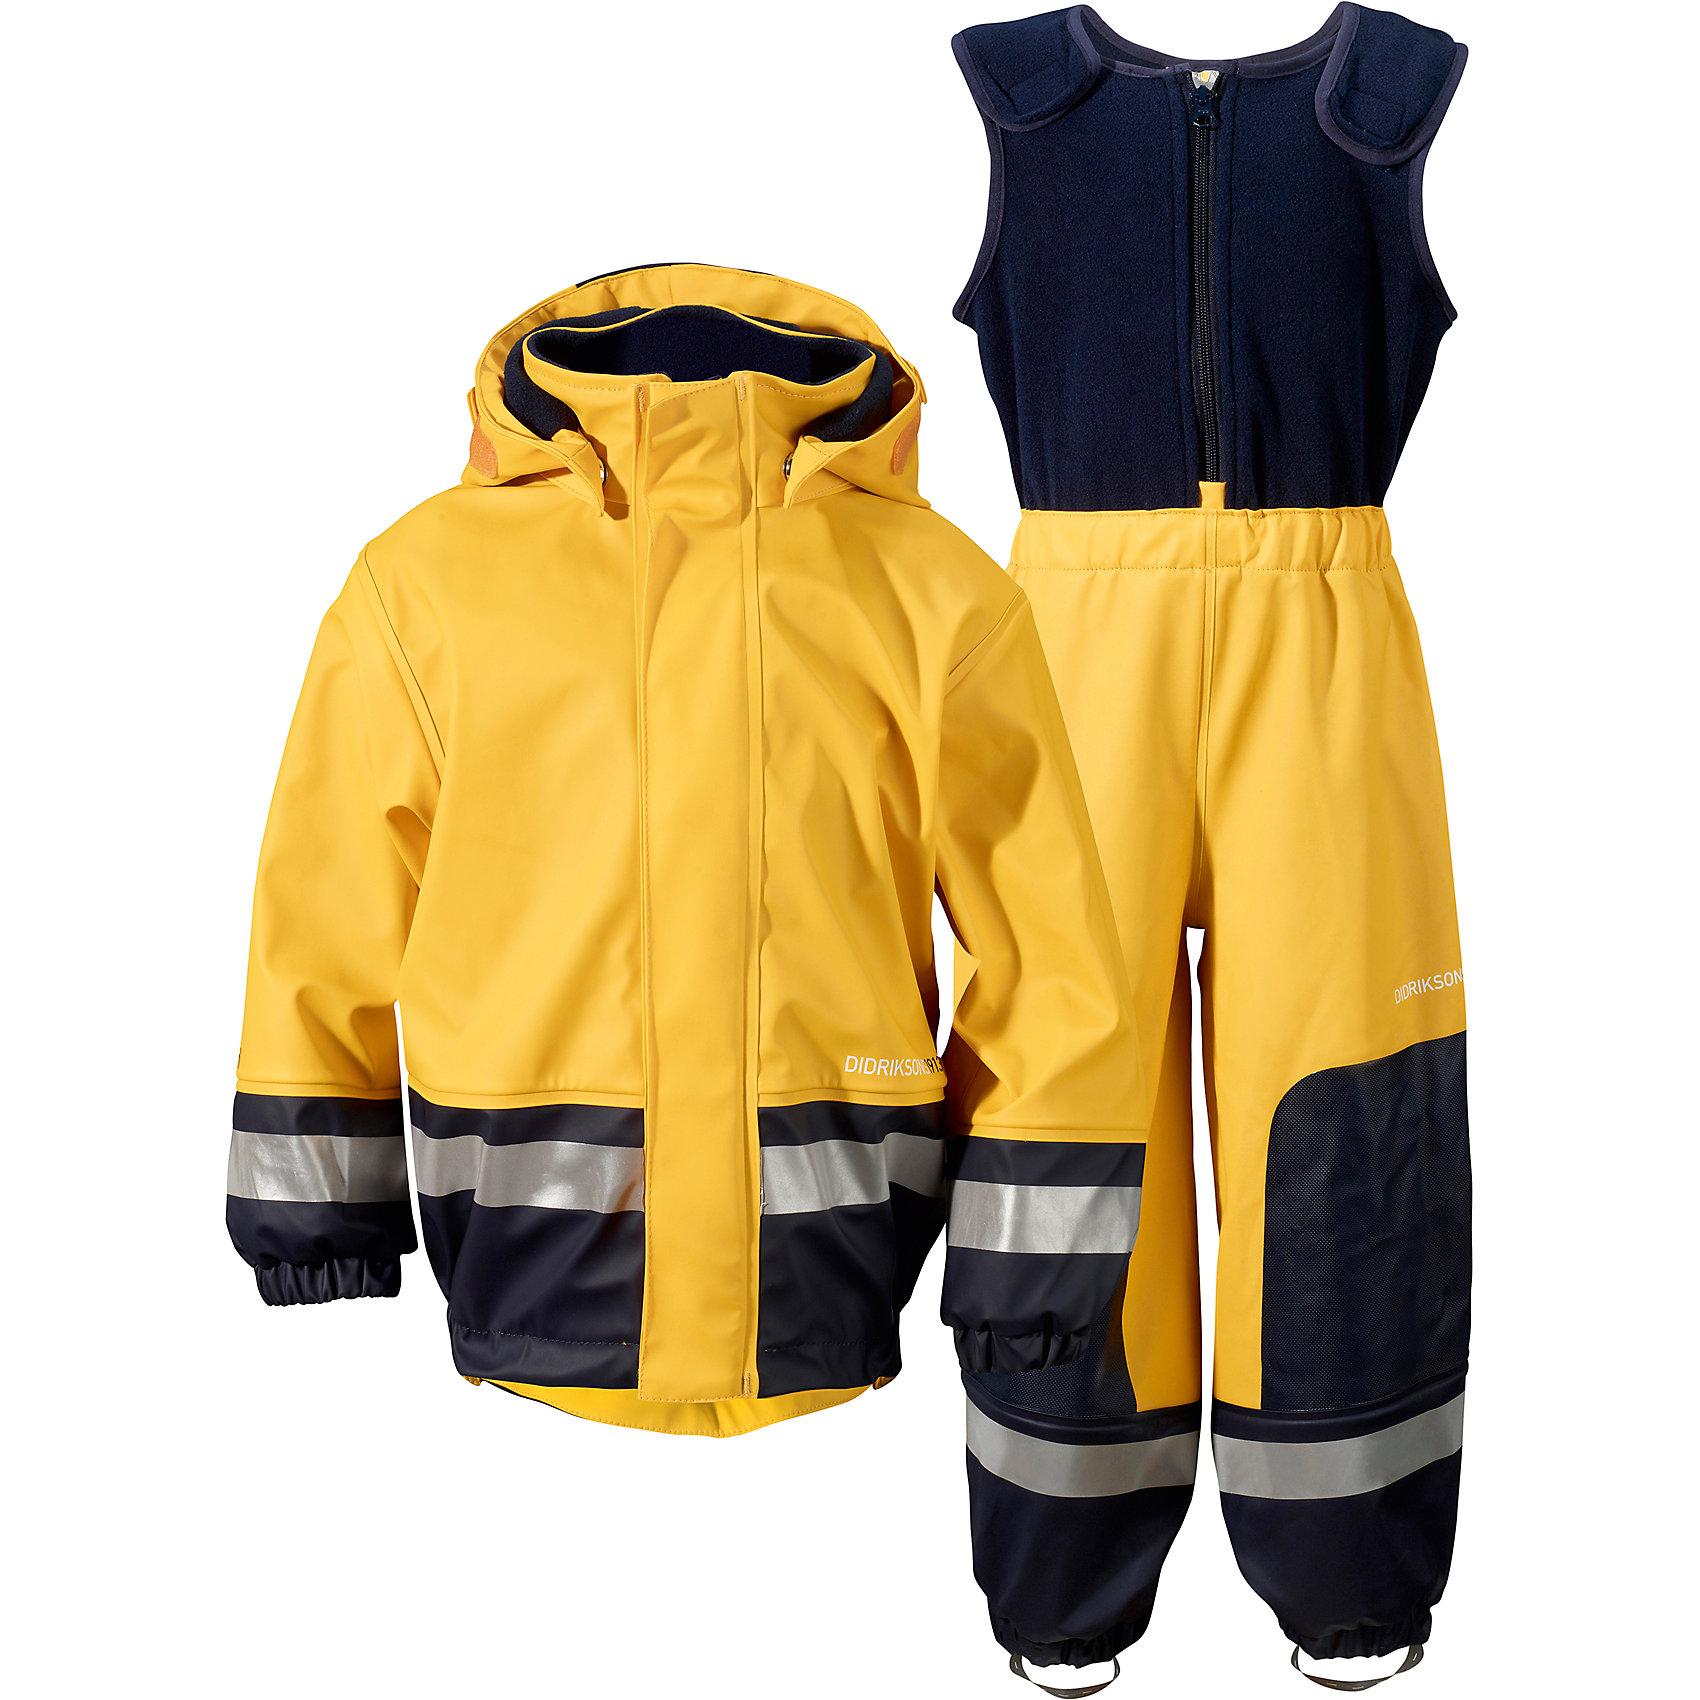 Непромокаемый комплект Boardman: куртка и брюки DIDRIKSONSВерхняя одежда<br>Характеристики товара:<br><br>• цвет: желтый<br>• материал: 100% полиуретан, подкладка - 100% полиэстер<br>• утеплитель: 60 г/м<br>• температура: от 0° до +7 ° С<br>• непромокаемая ткань<br>• подкладка из флиса<br>• проклеенные швы<br>• регулируемый съемный капюшон<br>• регулируемый пояс брюк<br>• фронтальная молния под планкой<br>• светоотражающие детали<br>• зона коленей усилена дополнительным слоем ткани<br>• грязь легко удаляется с помощью влажной губки или ткани<br>• резинки для ботинок<br>• страна бренда: Швеция<br>• страна производства: Китай<br><br>Такой непромокаемый костюм понадобится в холодную и сырую погоду! Он не только стильный, но еще и очень комфортный. Костюм обеспечит ребенку удобство при прогулках и активном отдыхе в межсезонье или оттепель. Такая модель от шведского производителя легко чистится, она оснащена разными полезными деталями.<br>Материал костюма - непромокаемый, швы дополнительно проклеены. Очень стильная и удобная модель! Изделие качественно выполнено, сделано из безопасных для детей материалов. <br><br>Комплект: куртку и брюки от бренда DIDRIKSONS можно купить в нашем интернет-магазине.<br><br>Ширина мм: 356<br>Глубина мм: 10<br>Высота мм: 245<br>Вес г: 519<br>Цвет: желтый<br>Возраст от месяцев: 18<br>Возраст до месяцев: 24<br>Пол: Унисекс<br>Возраст: Детский<br>Размер: 90,80,100<br>SKU: 5003843